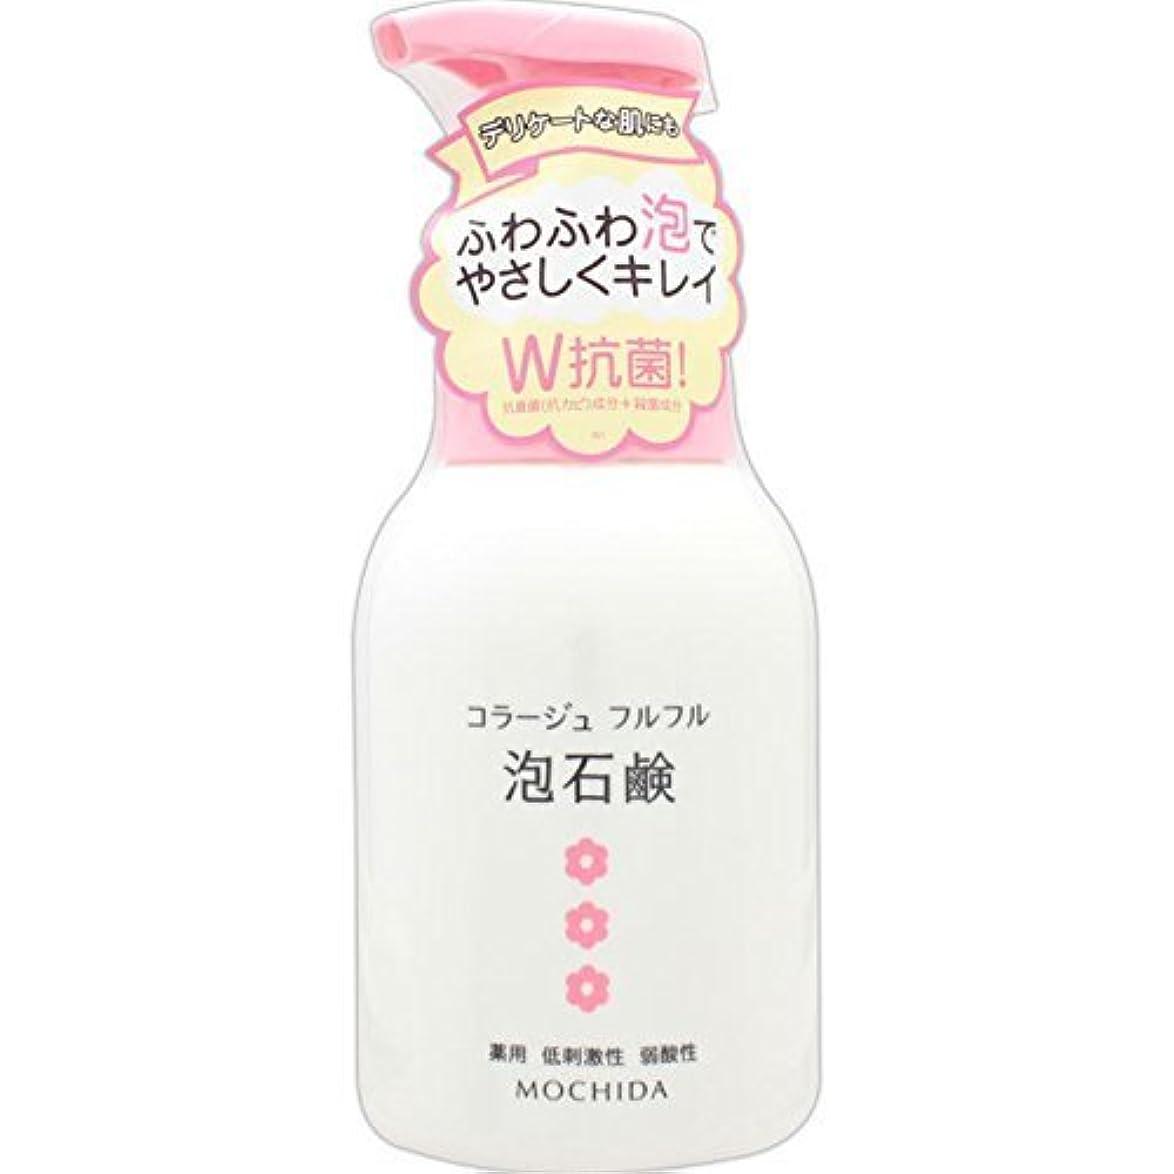 ブランク日没たるみコラージュフルフル 泡石鹸 ピンク 300m L (医薬部外品) ×10